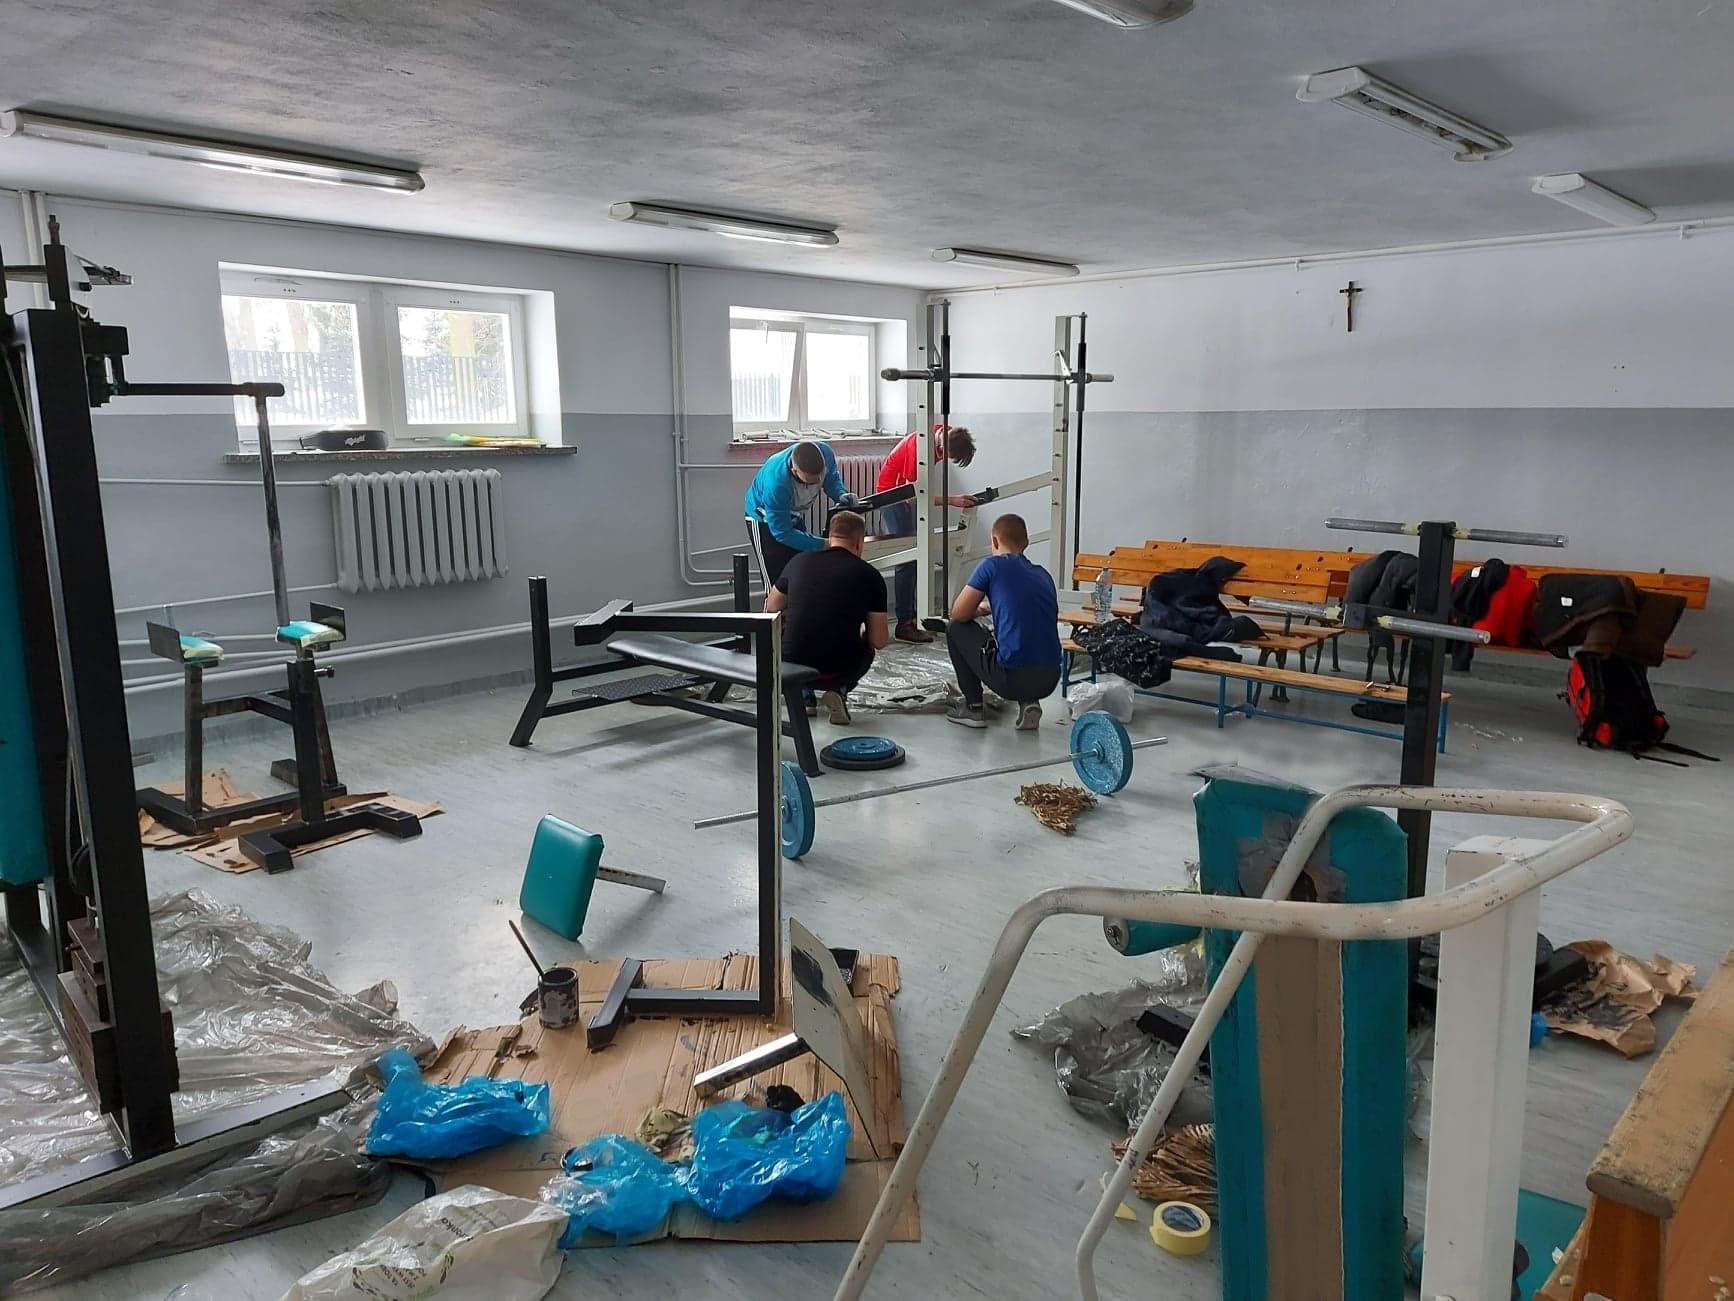 Remonty w bibliotece w Wojcieszkowie. Odnowili ściany i sprzęt na siłowni - Zdjęcie główne